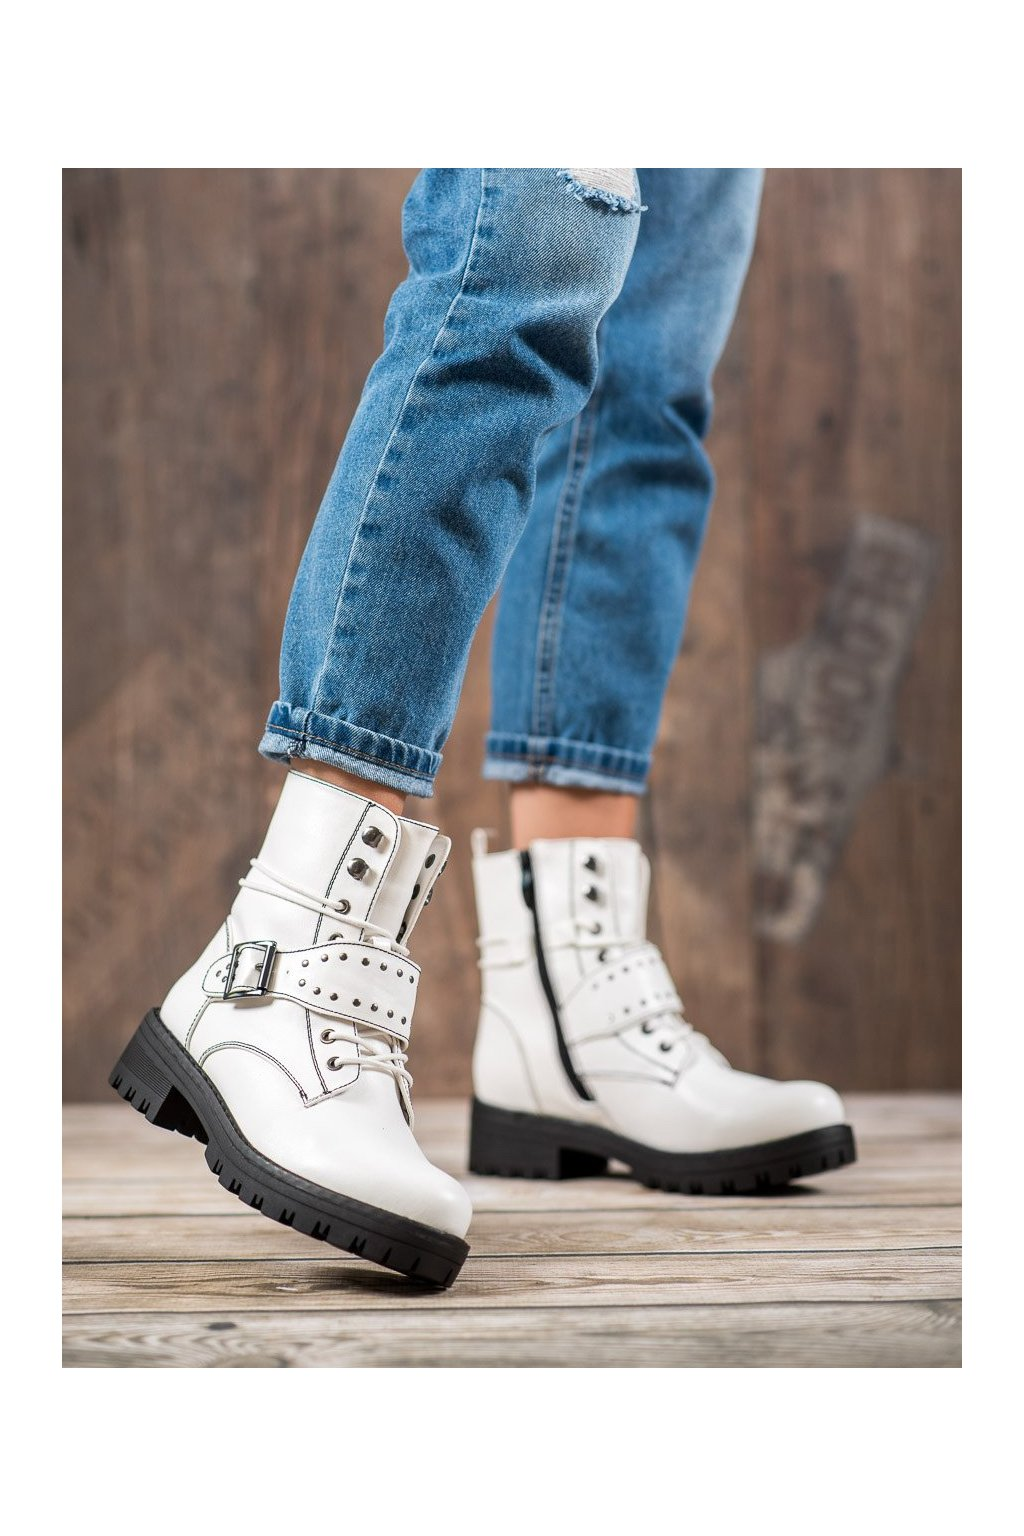 Biele dámske topánky Goodin kod GD-WL-20W